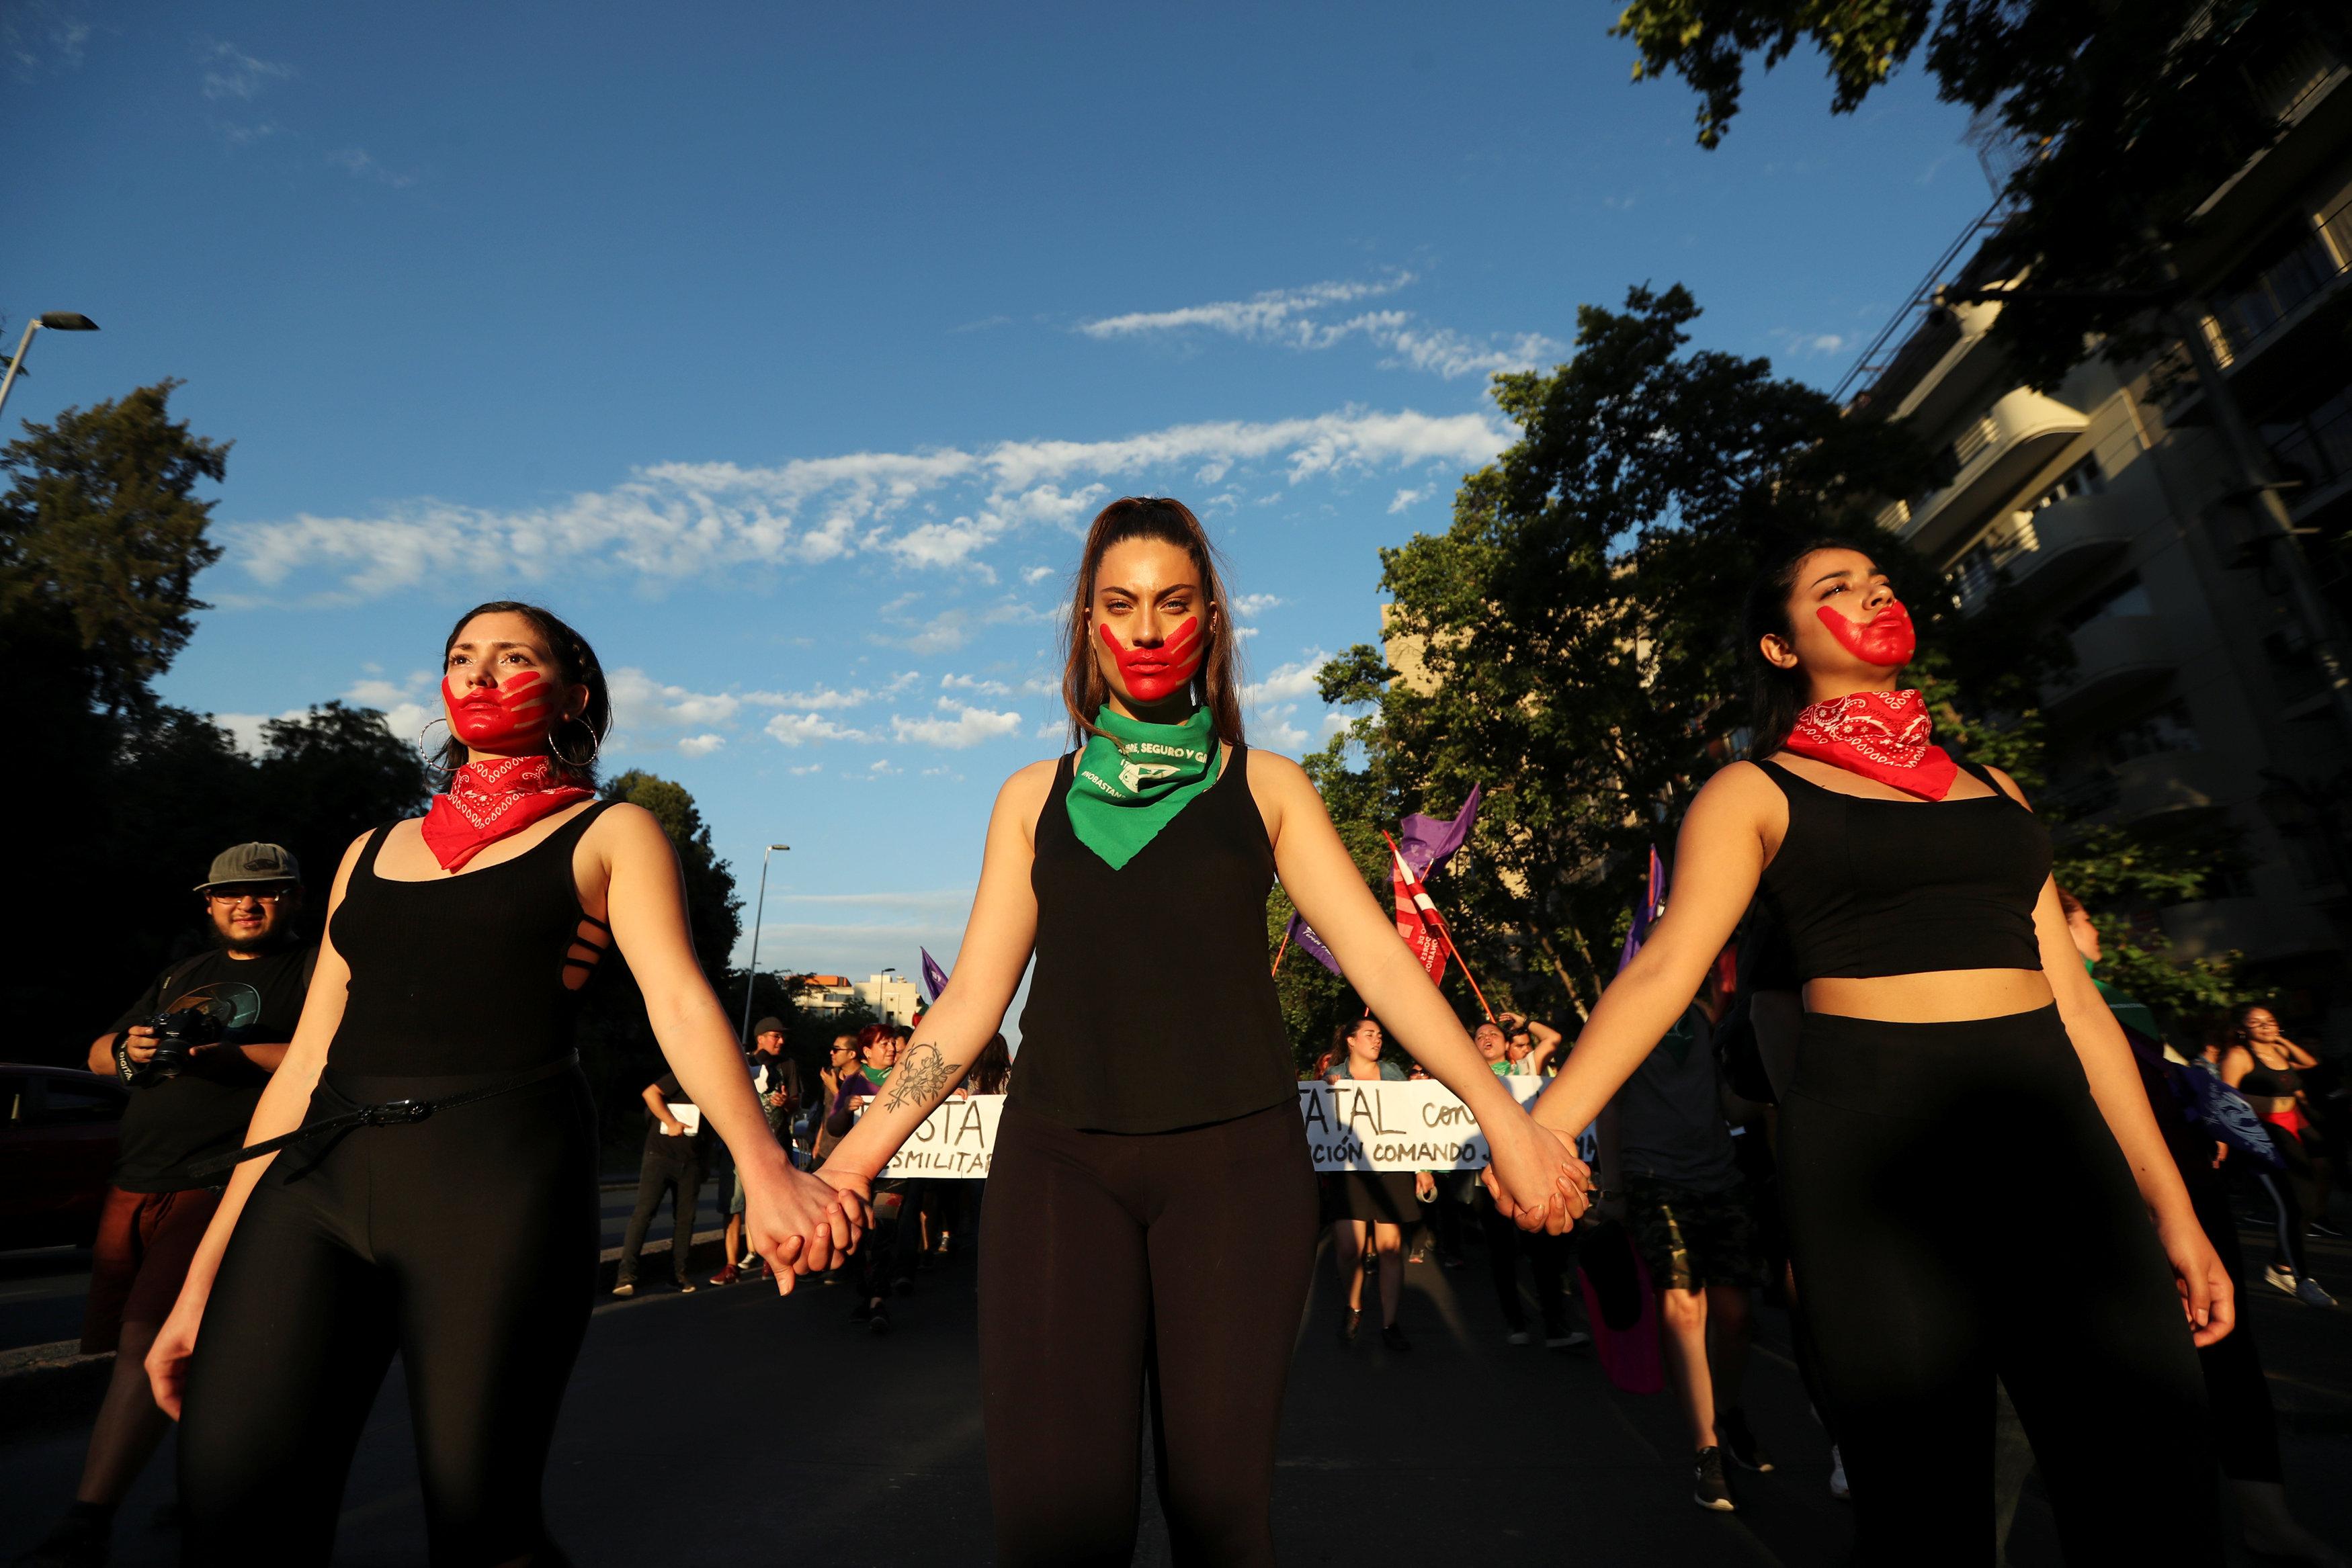 Días atrás, las mujeres chilenas también organizaron una protesta